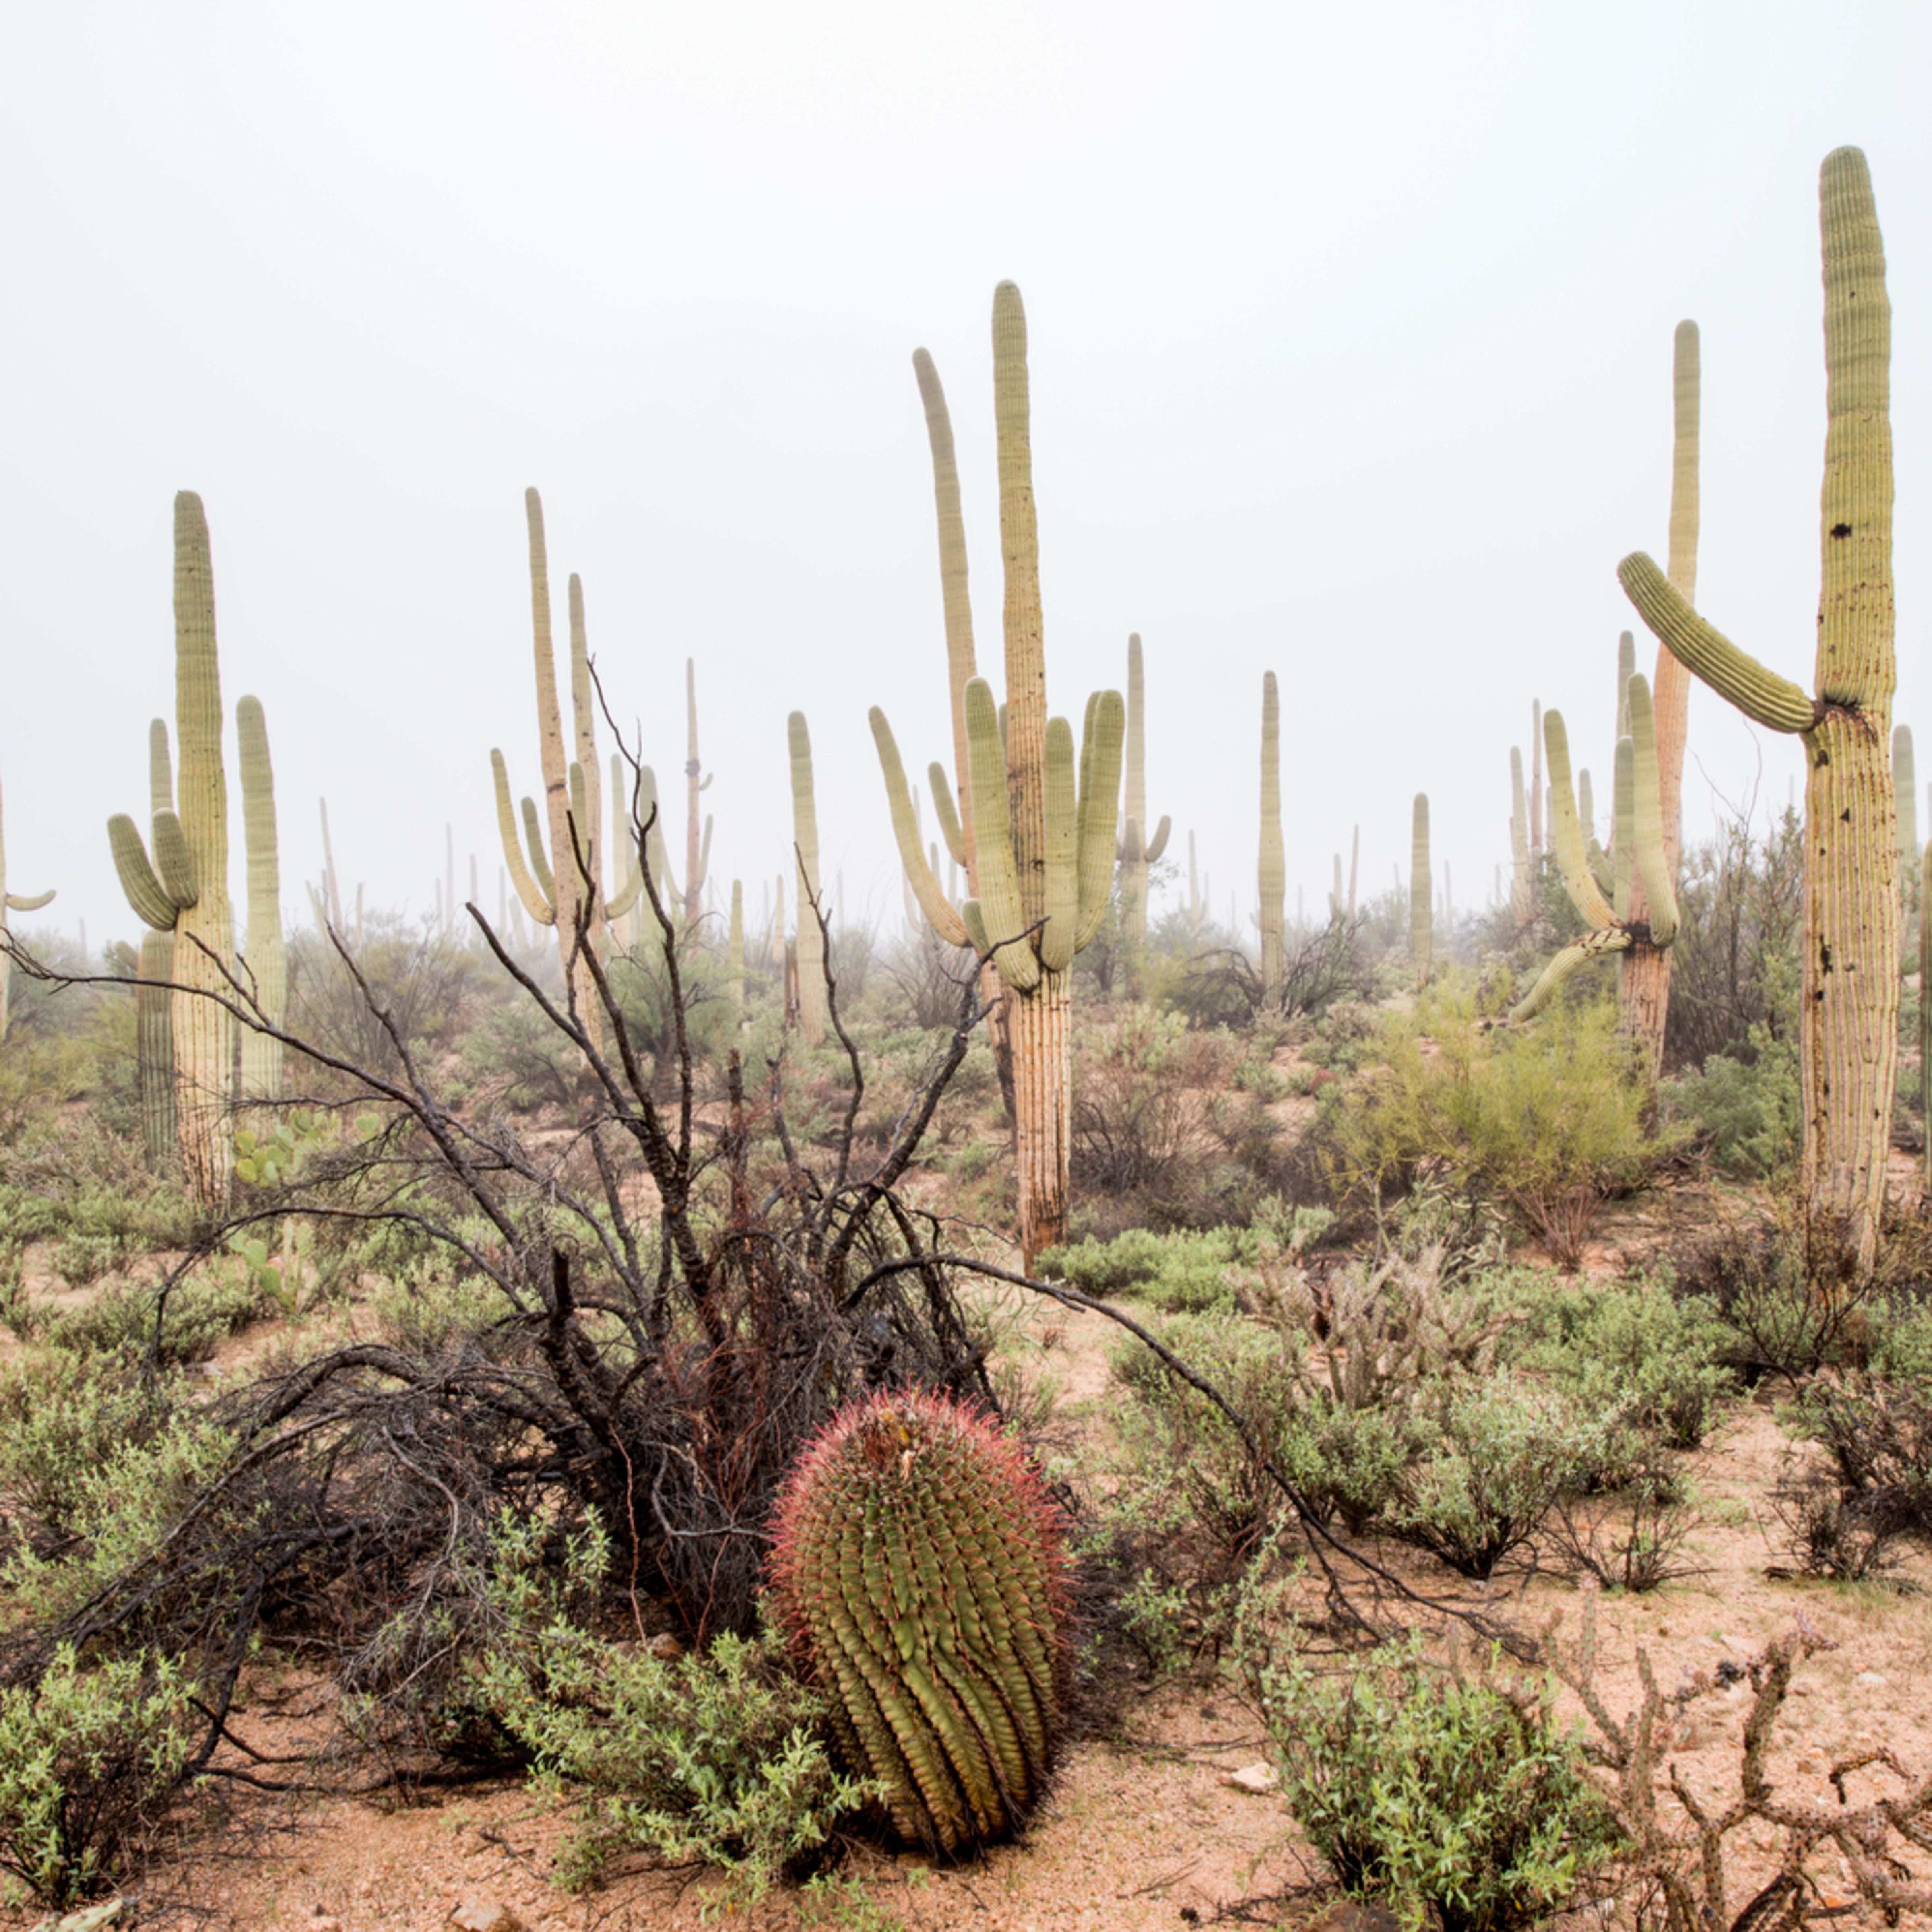 Dp435 saguaro n.p. fog h v7vfps